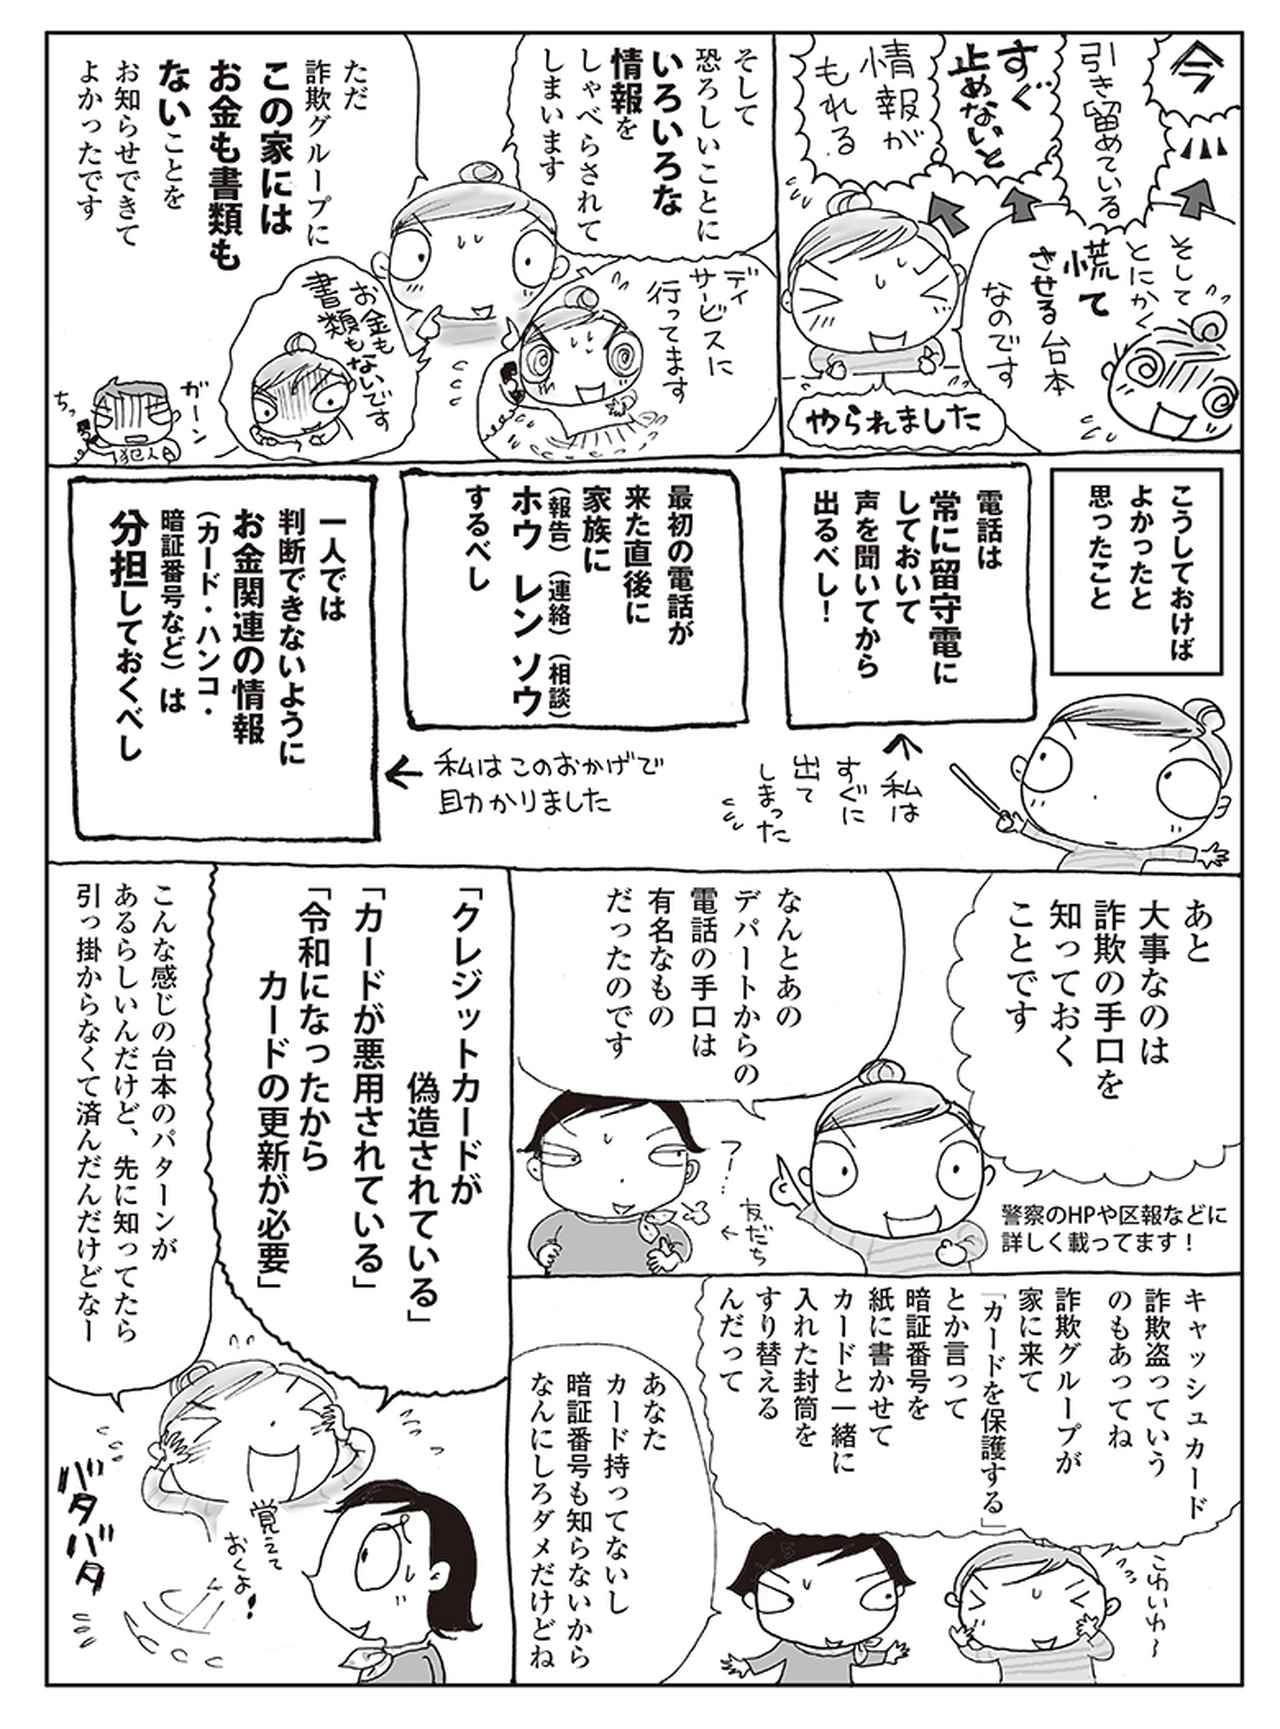 画像5: 【実録マンガ】 引っ掛かりかけたよ!ニセ電話詐欺!